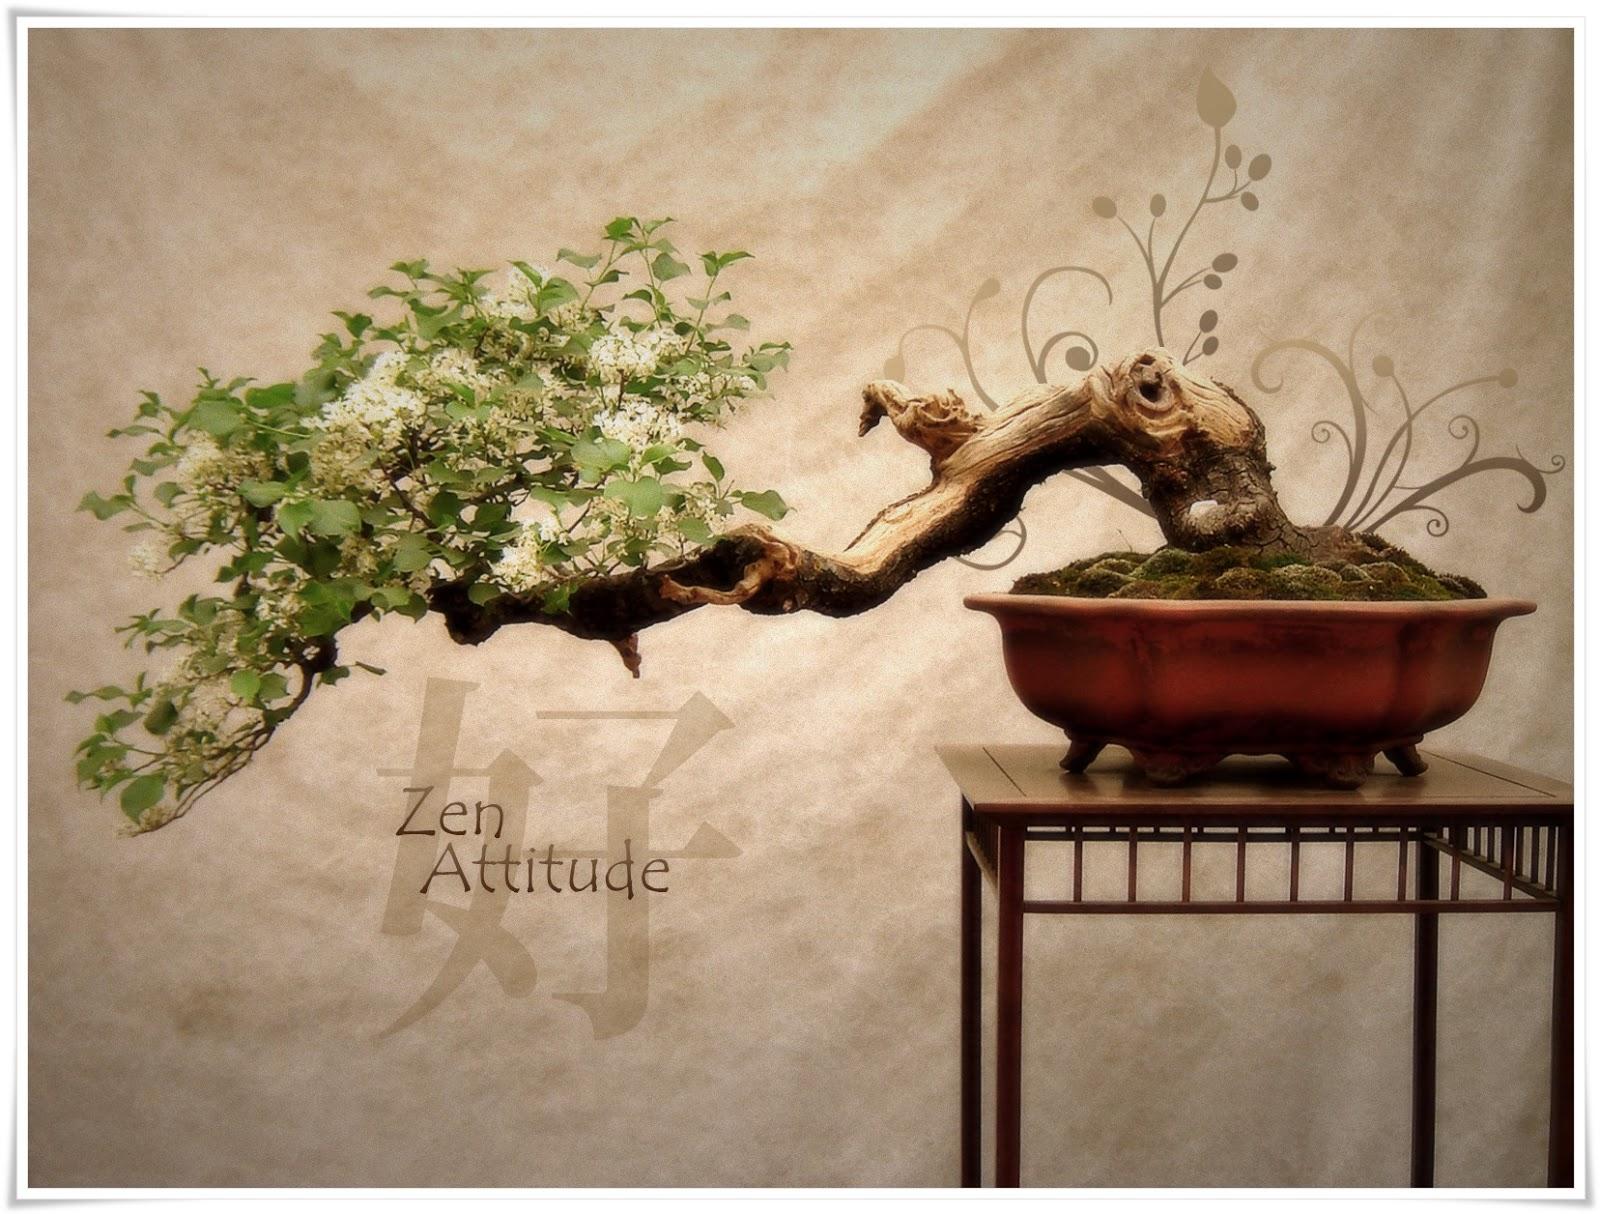 Decoração Zen ~ Decoraç u00e3o Zen Estilo que inspira harmonia, paz e tranquilidade! Portal da Mulher